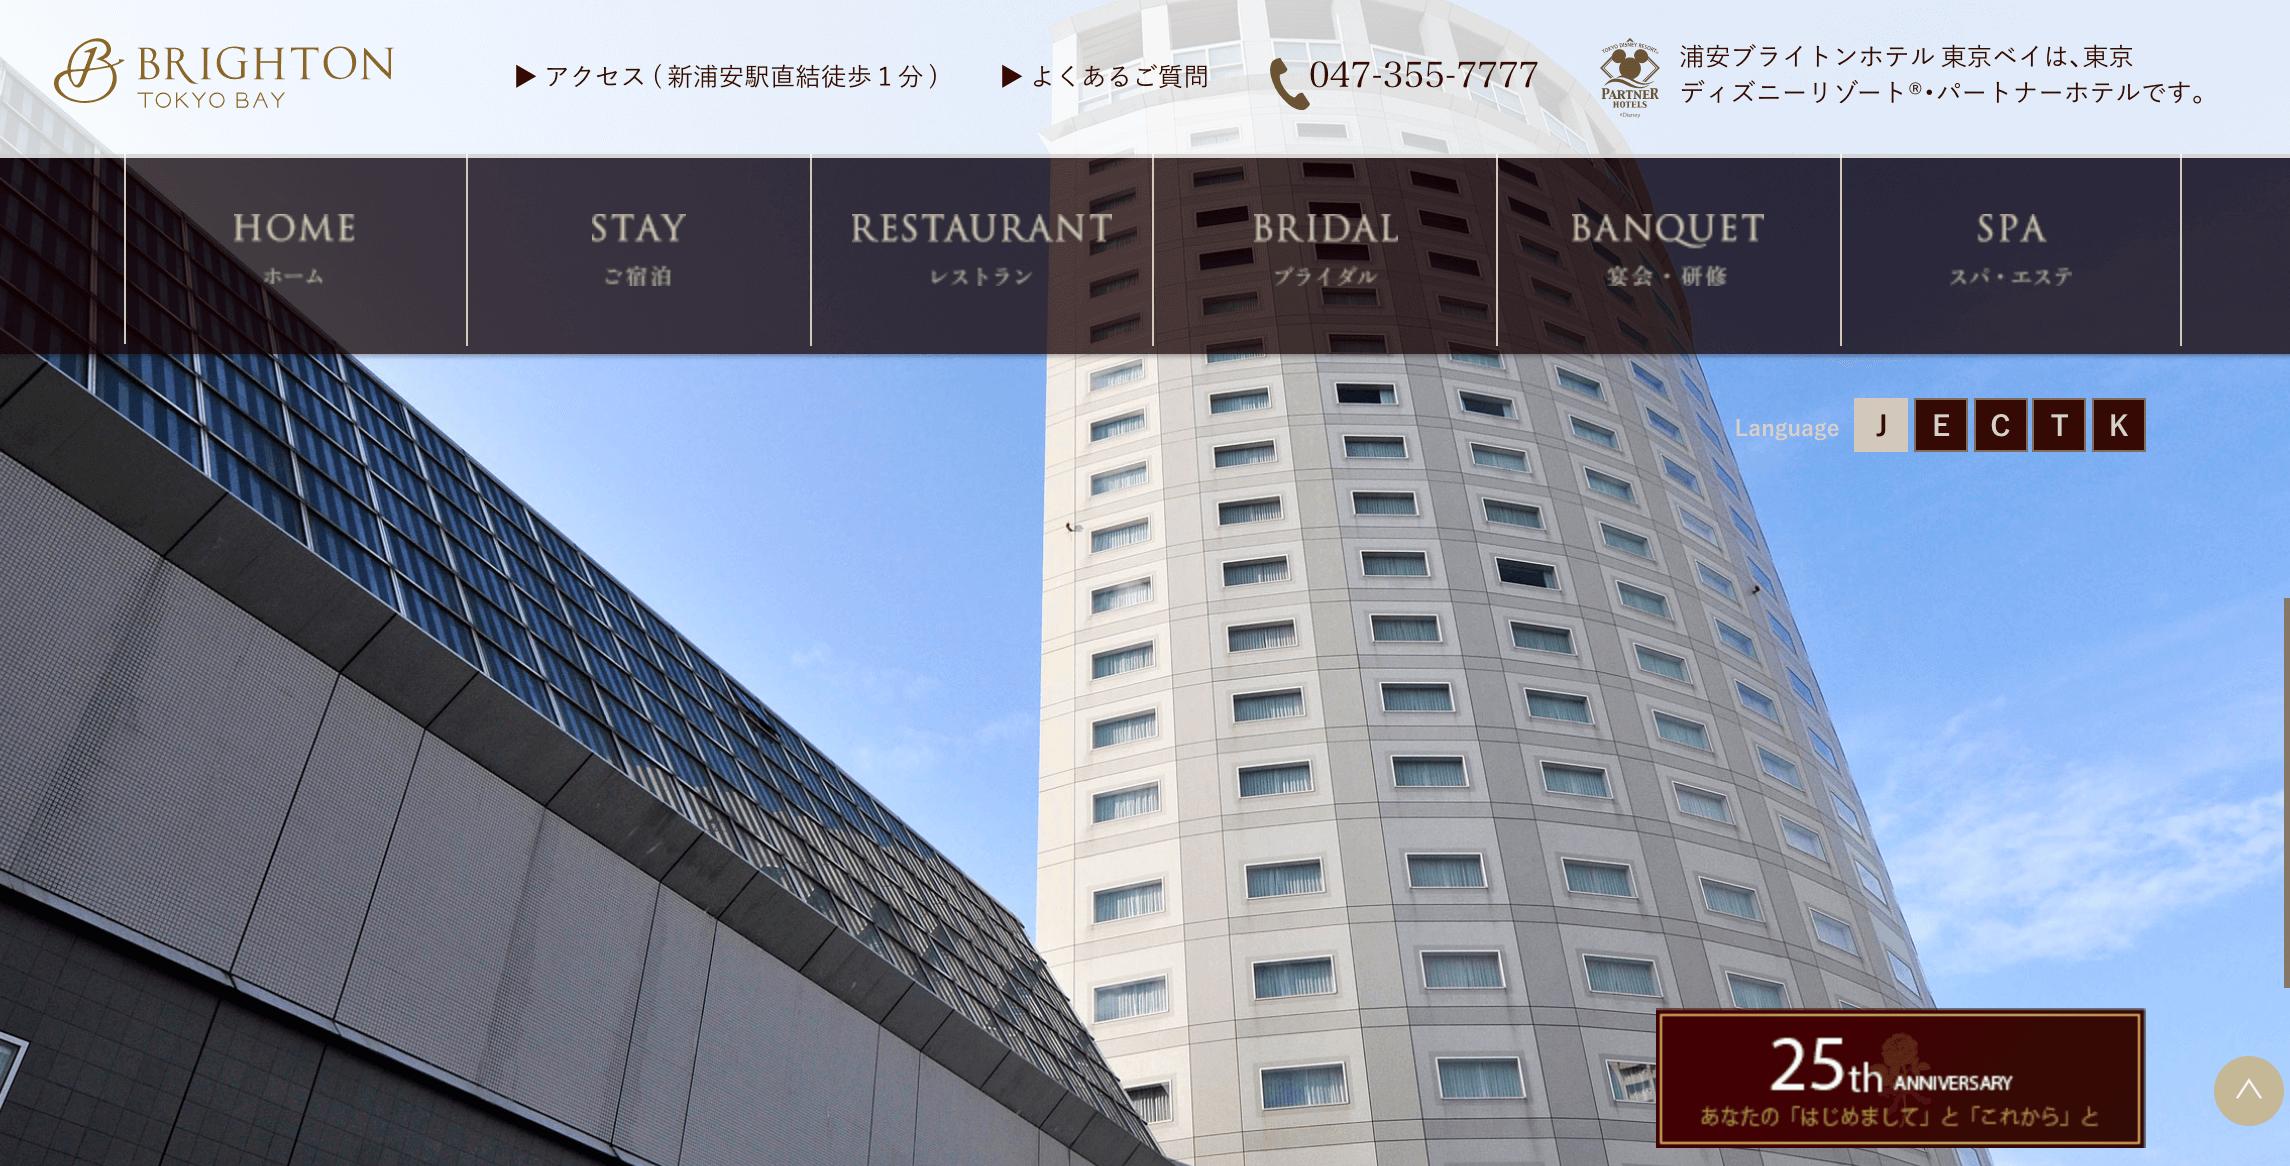 千葉でパパ活におすすめなホテル「浦安ブライトンホテル東京ベイ」